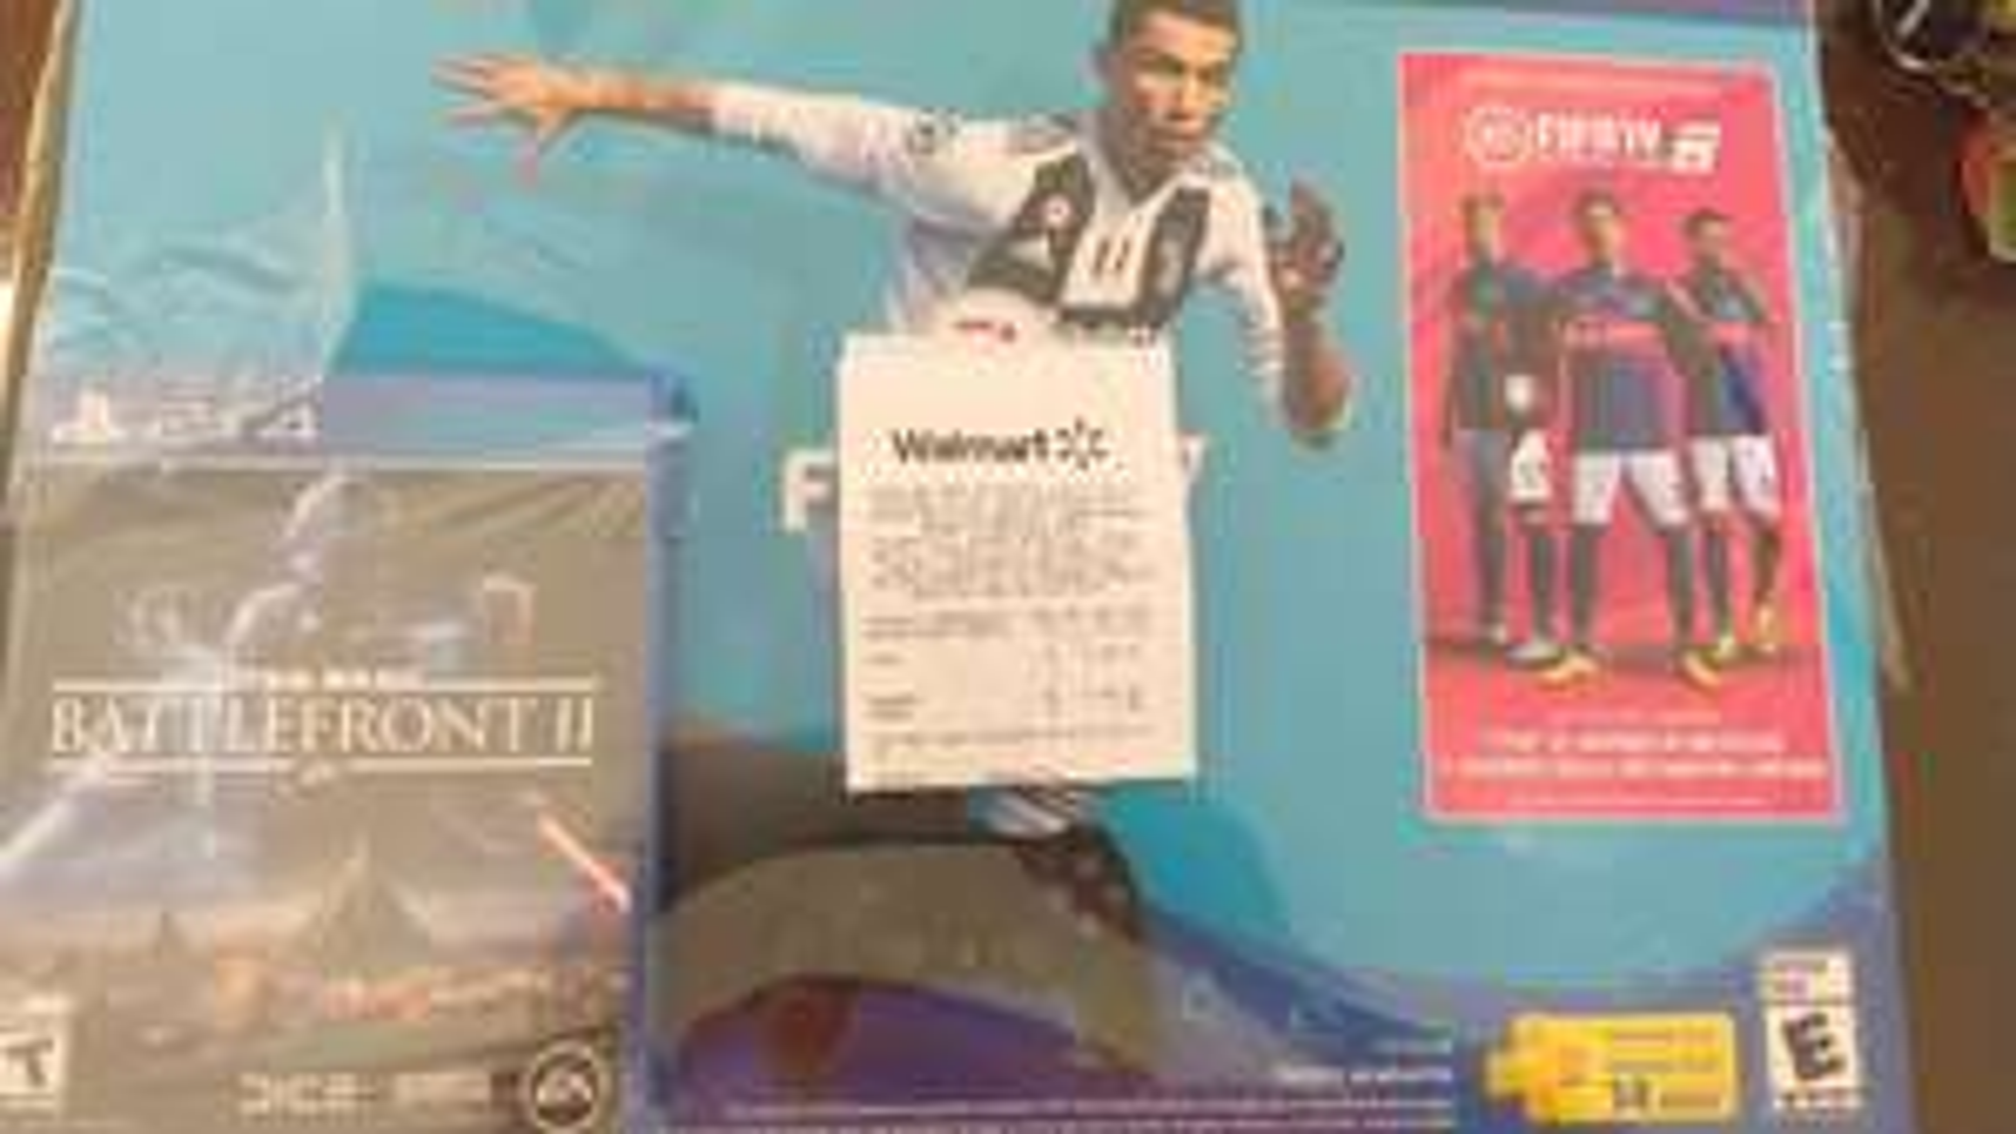 Walmart: PS4 FIFA 19